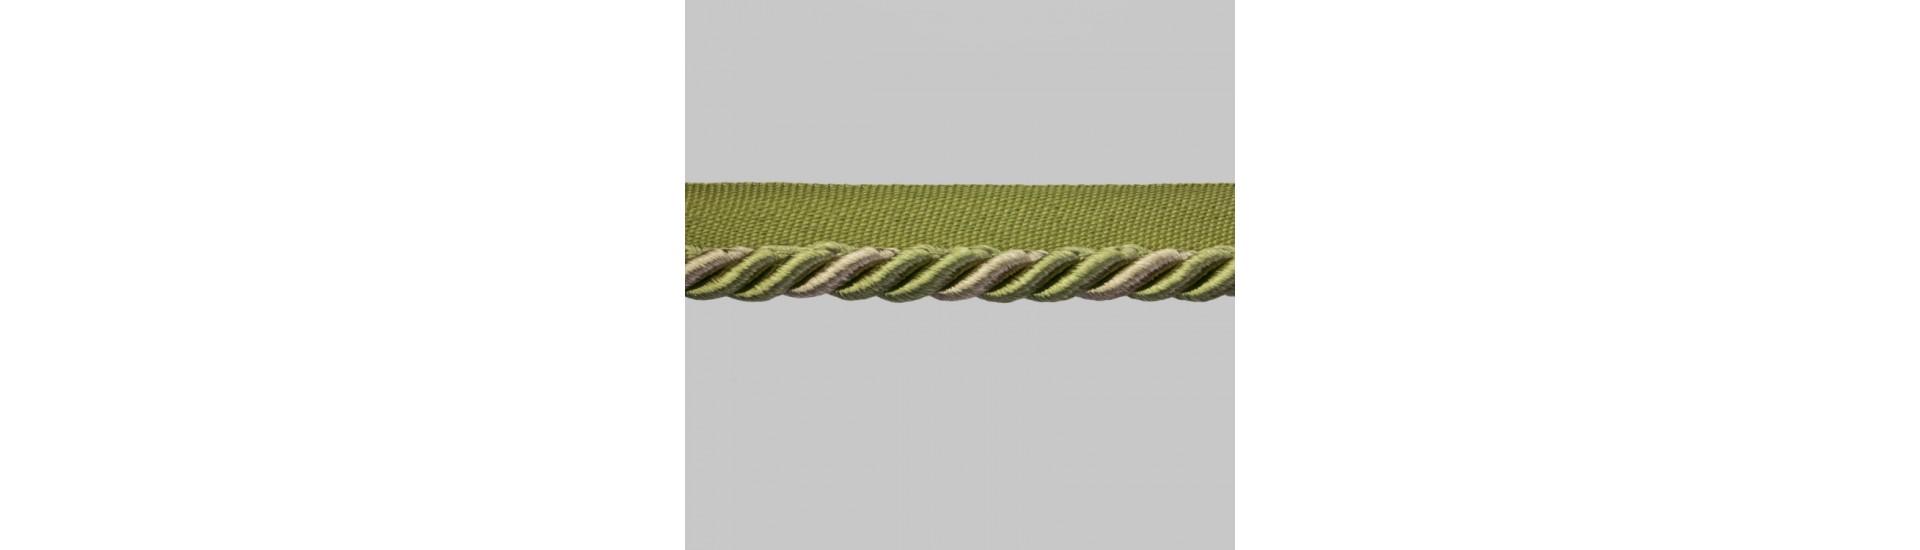 Кант шторный SM-D7-002 (SMD7002)/1 хаки-бежевый (25 м)